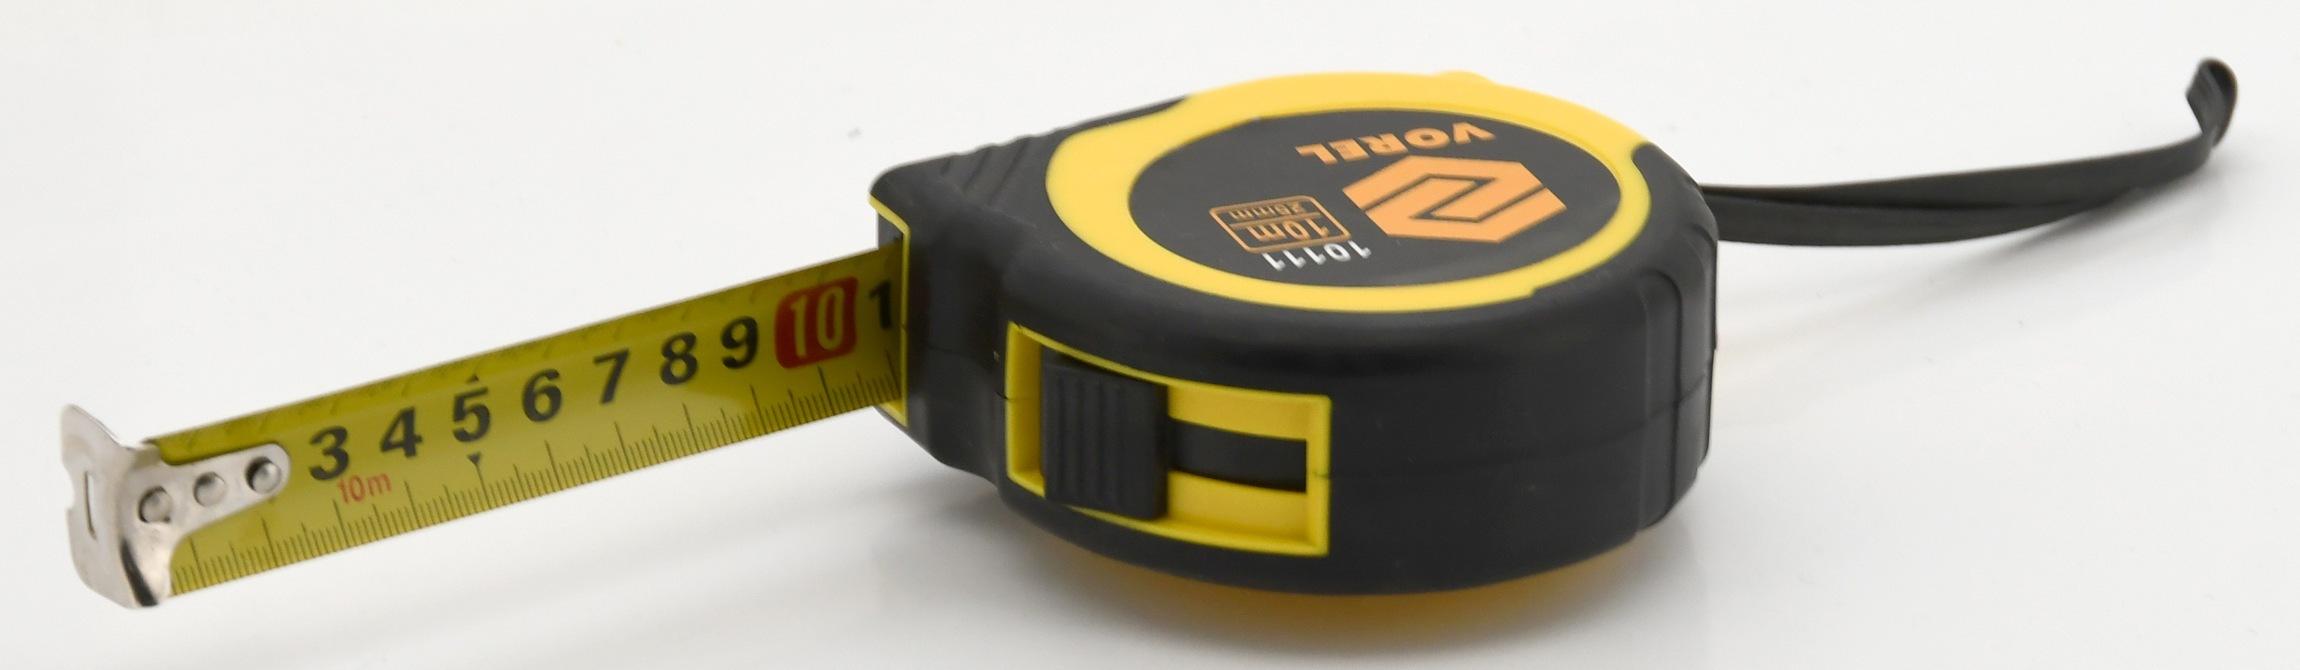 Metr svinovací 10 m x 25 mm žluto - černý